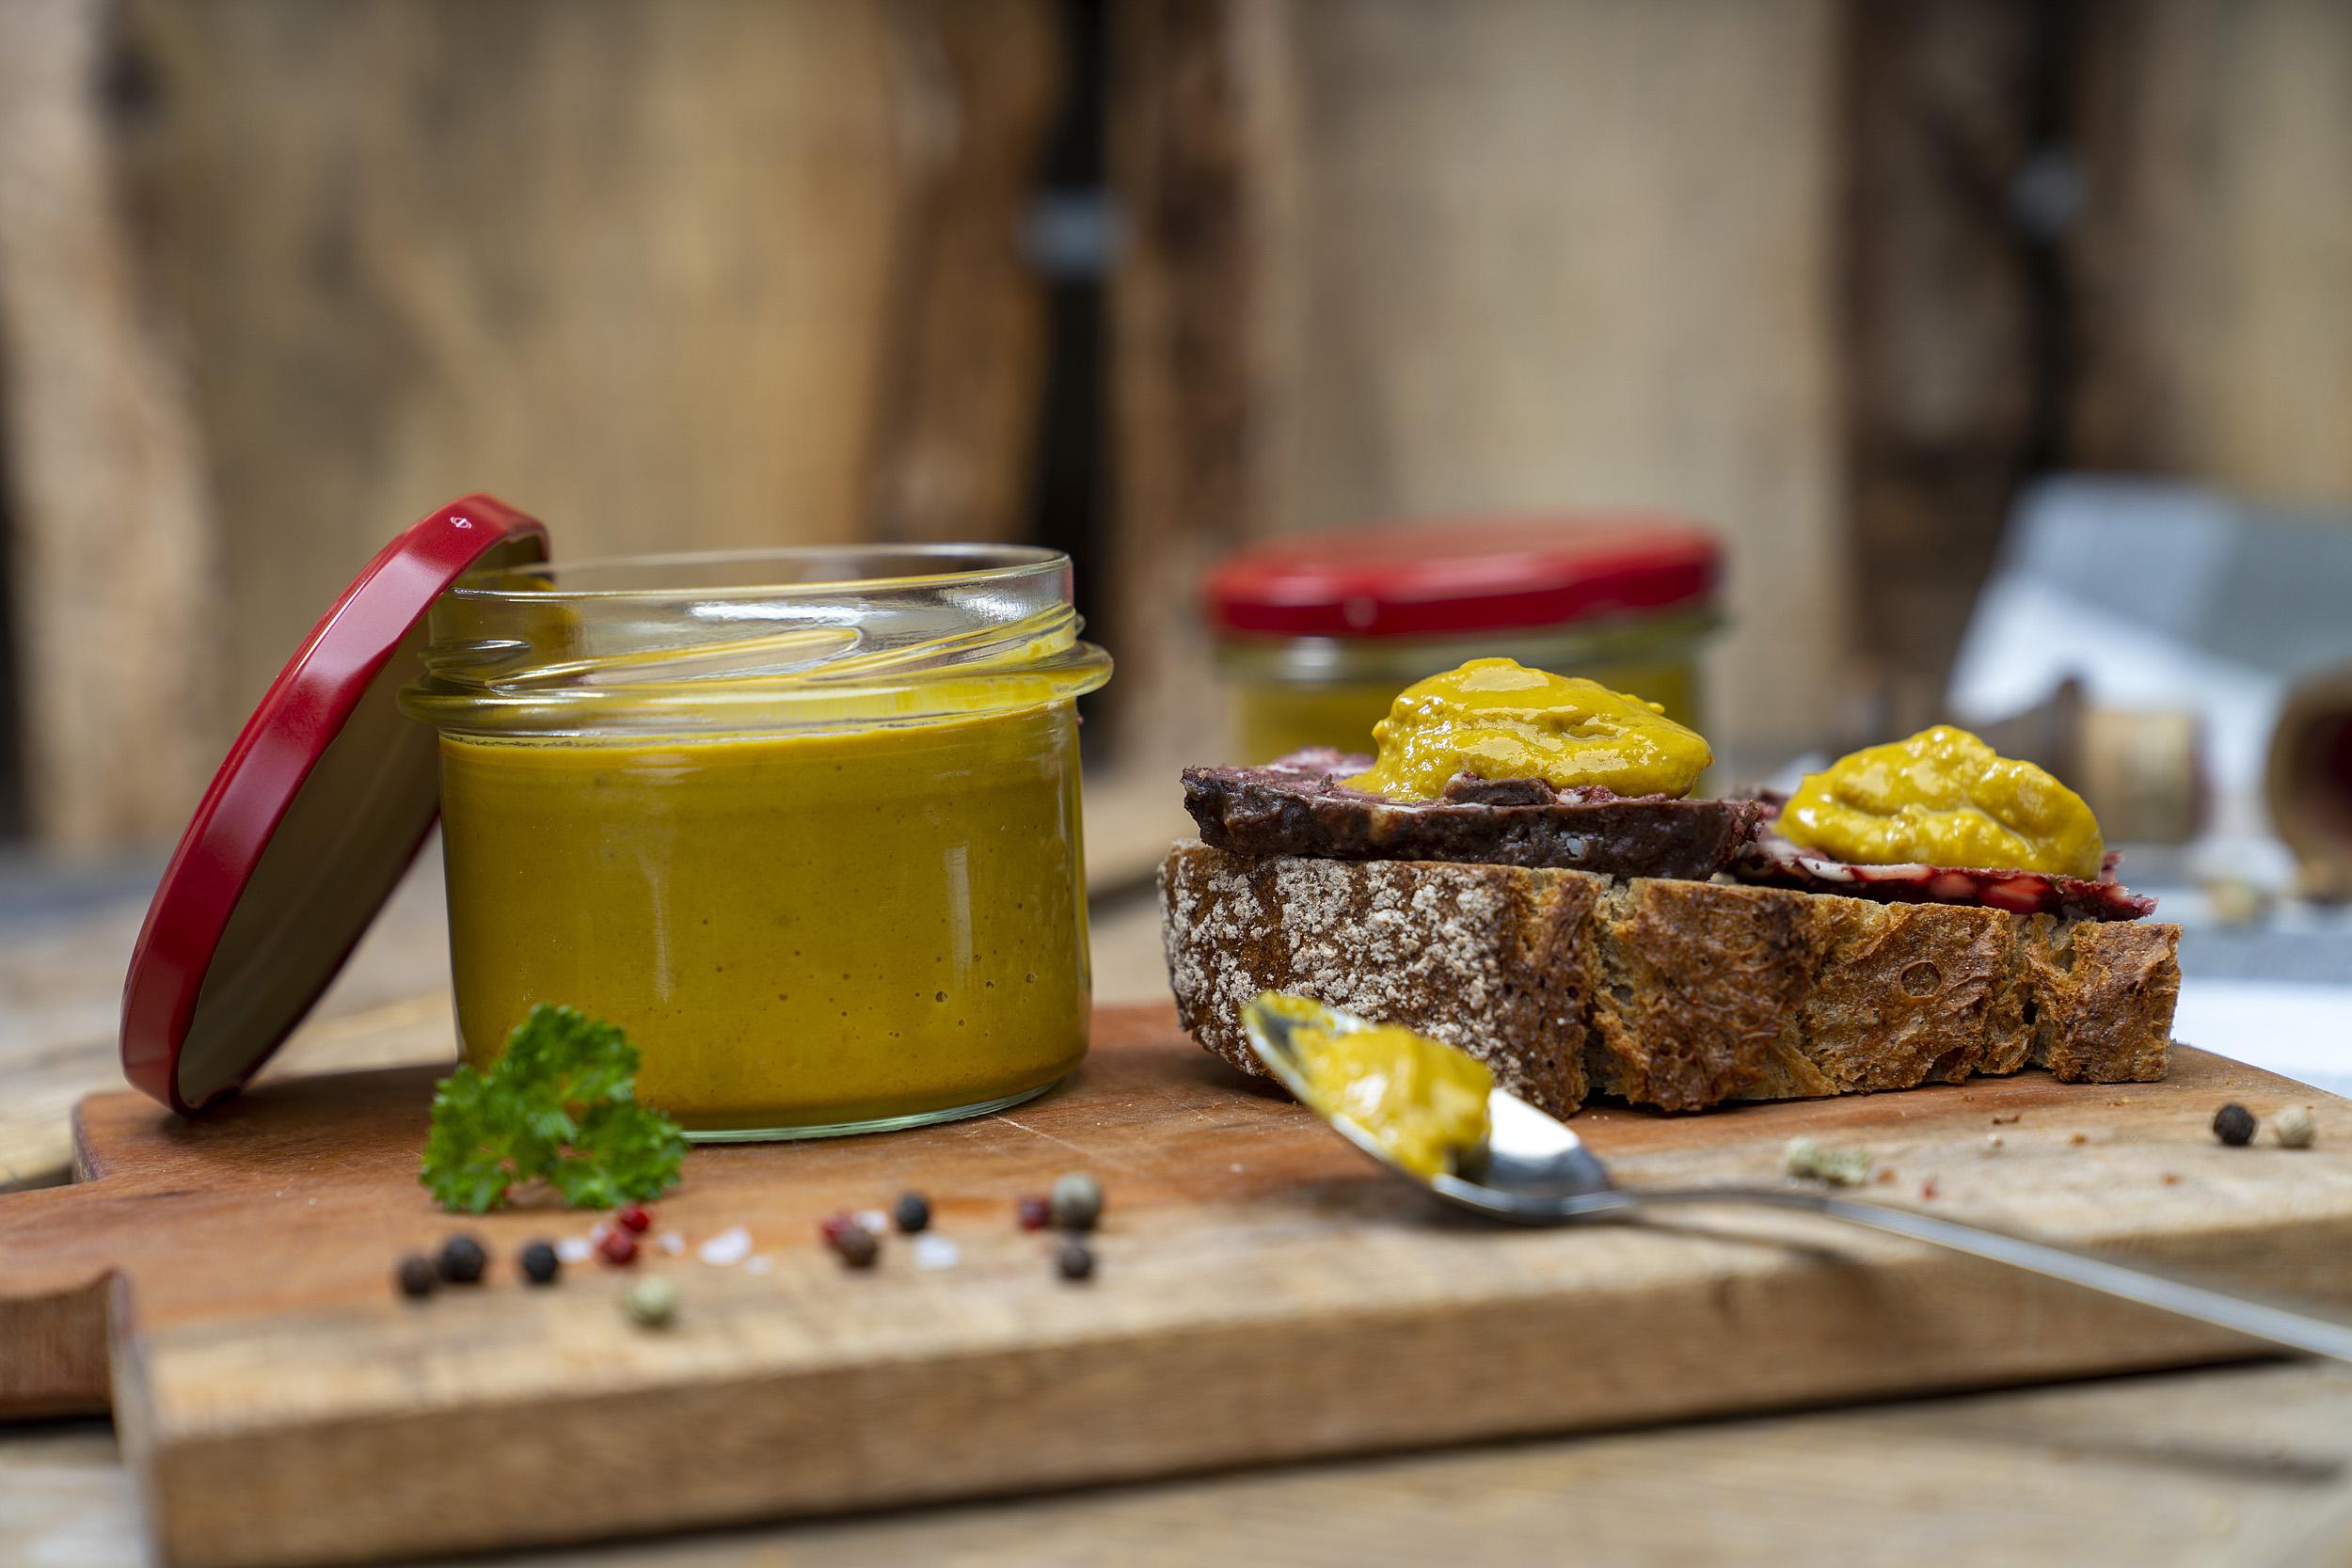 Auf einem Holzbrett ein Glas Senf bzw. Meisters Mostrich. Daneben eine Schnitte mit Rotwurst und Senf. Darum Gewürze und Kräuter. Vorn ein Löffel mit etwas Senf. Hinten ein weiteres Glas.